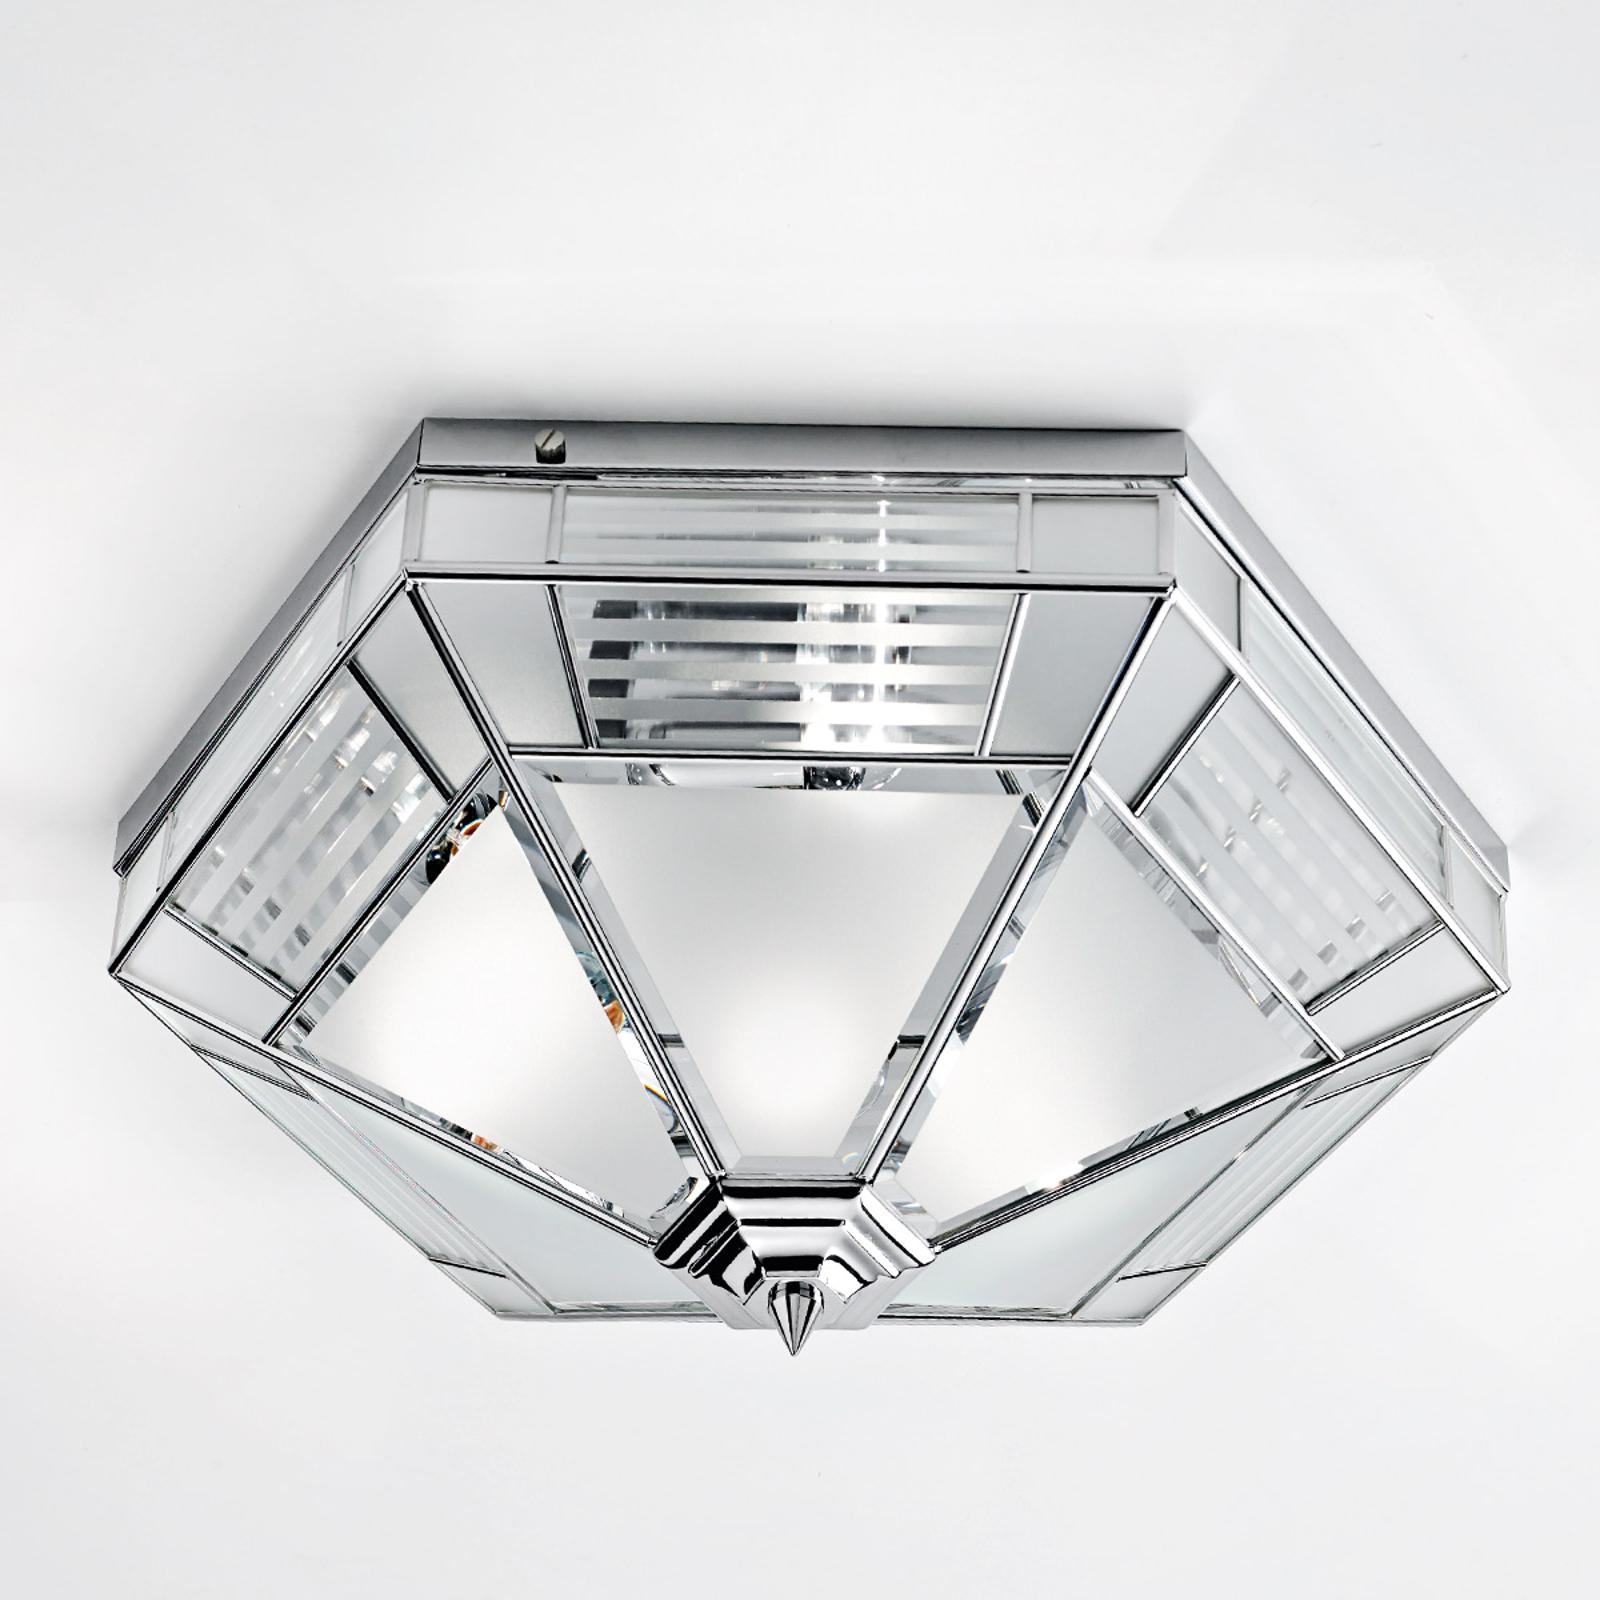 GIANA - sześciokątna lampa sufitowa, chrom